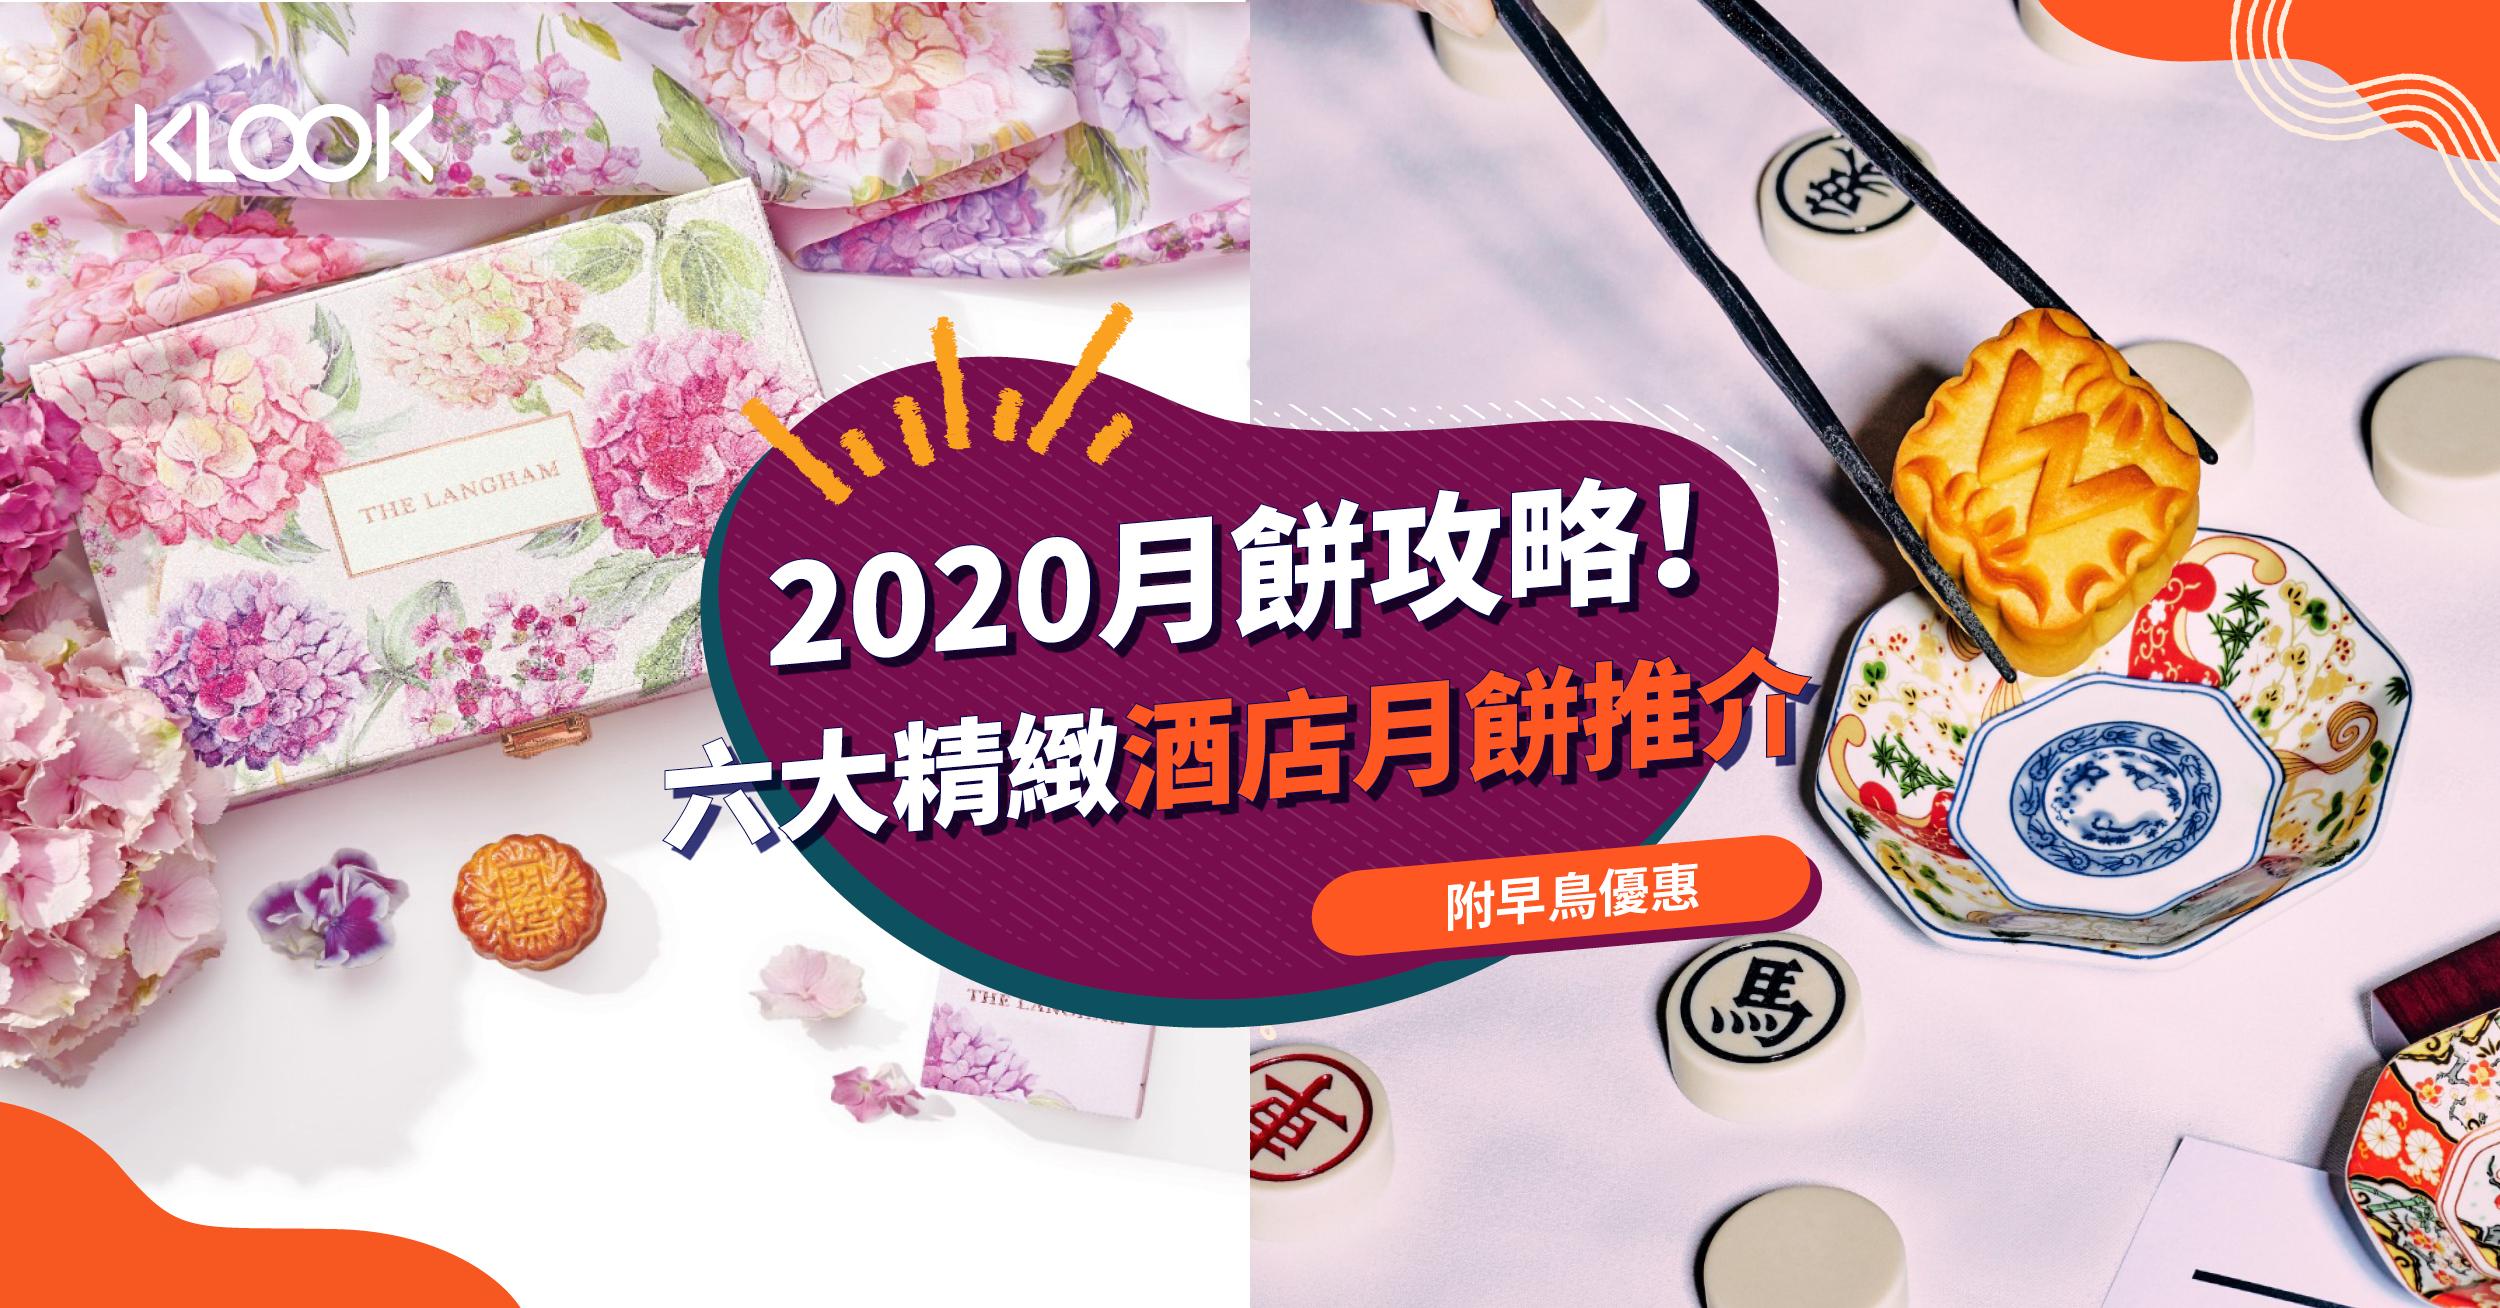 【月餅2020】W Hotel、四季等 6大酒店月餅早鳥優惠一覽